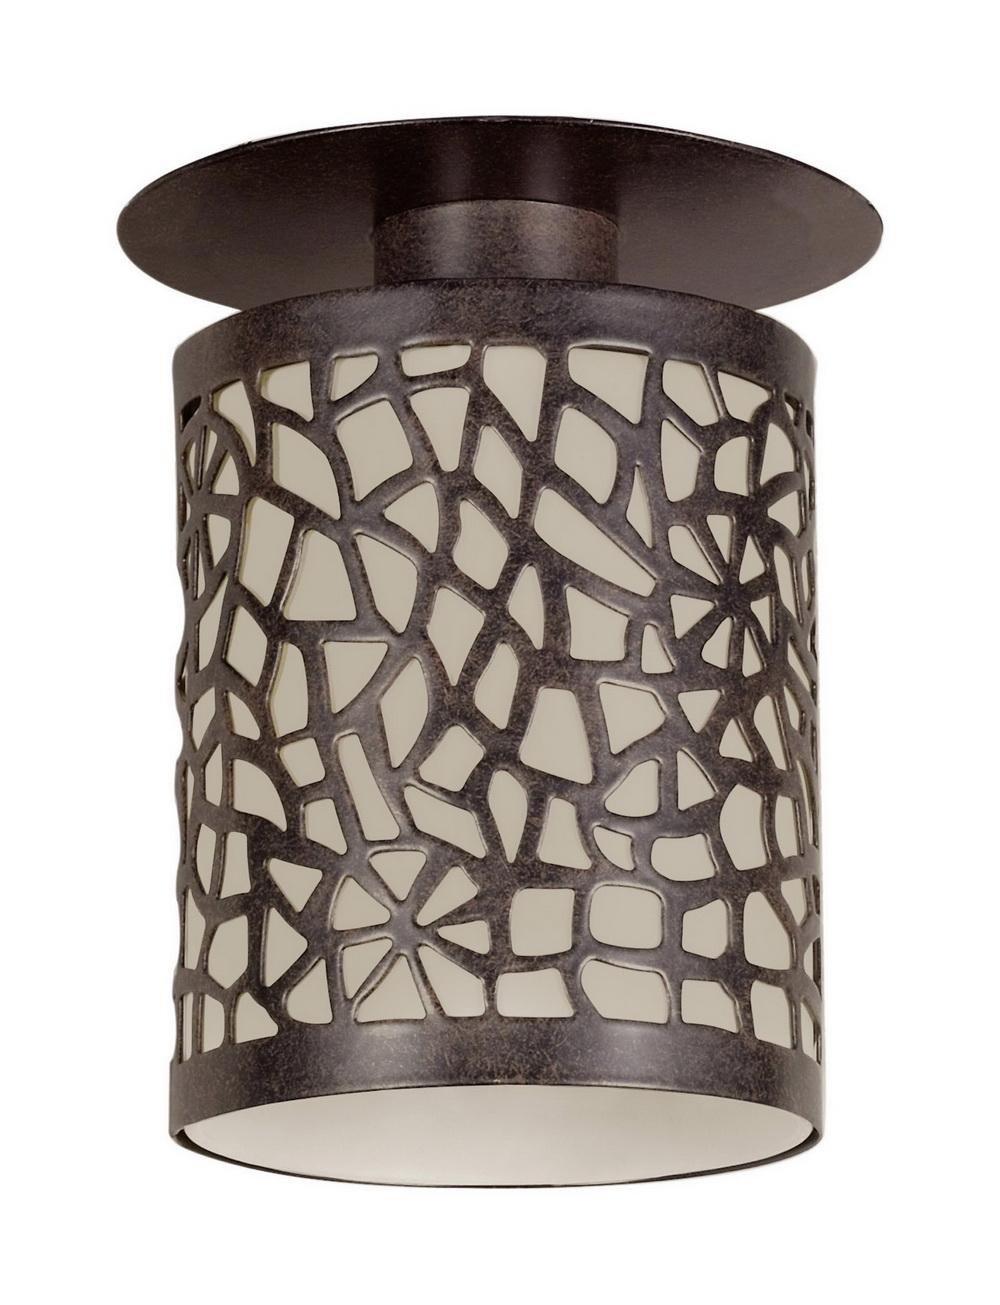 Светильник встраиваемый EgloСветильники встраиваемые<br>Стиль светильника: модерн,<br>Диаметр: 100,<br>Форма светильника: круг,<br>Материал светильника: металл, стекло,<br>Количество ламп: 1,<br>Тип лампы: накаливания,<br>Мощность: 40,<br>Патрон: Е14,<br>Цвет арматуры: дерево,<br>Вес нетто: 0.395<br>